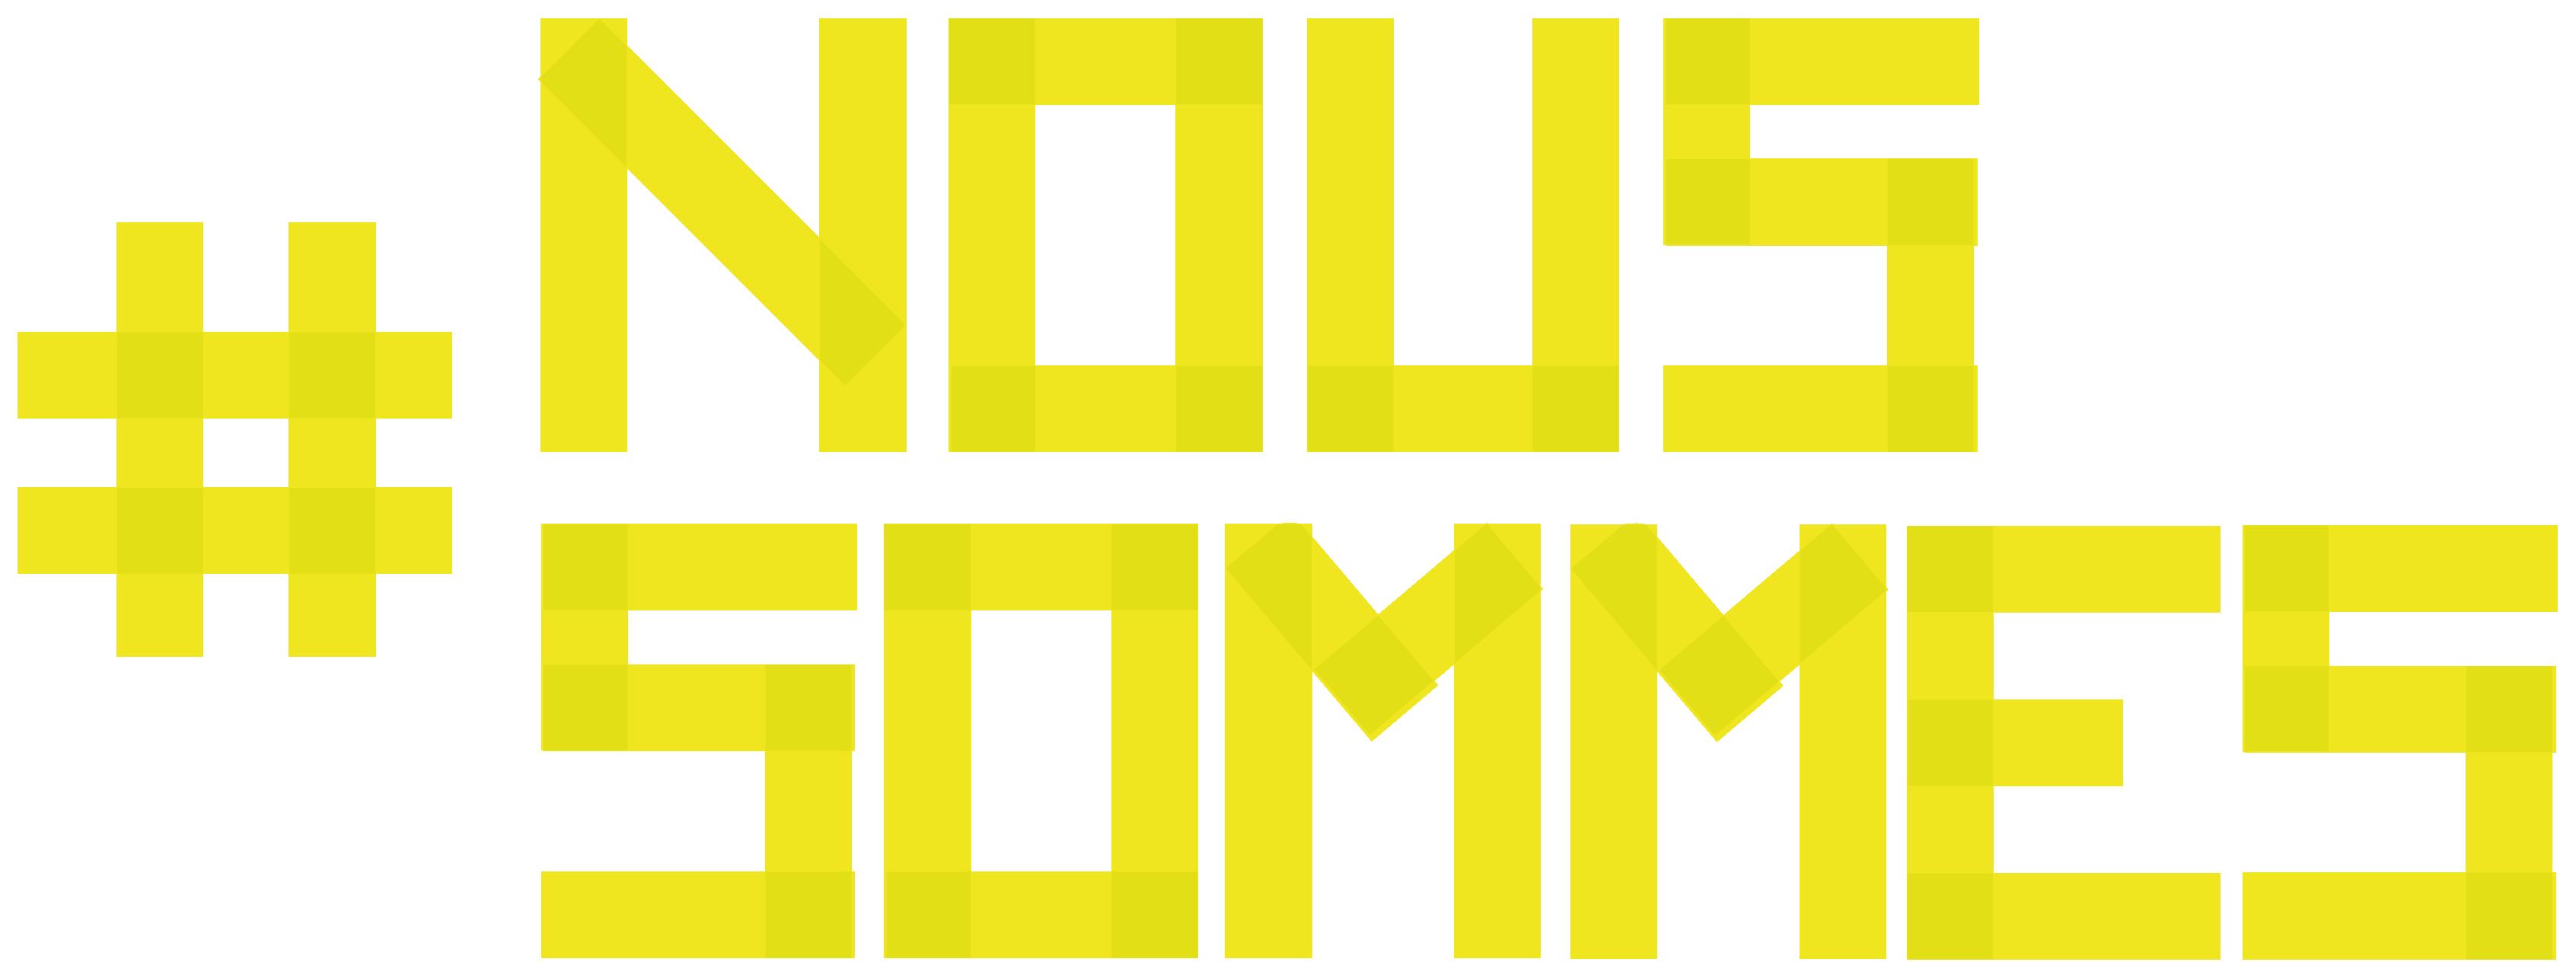 image Logojaune_Plandetravail1.png (43.1kB) Lien vers: http://noussommes.org/